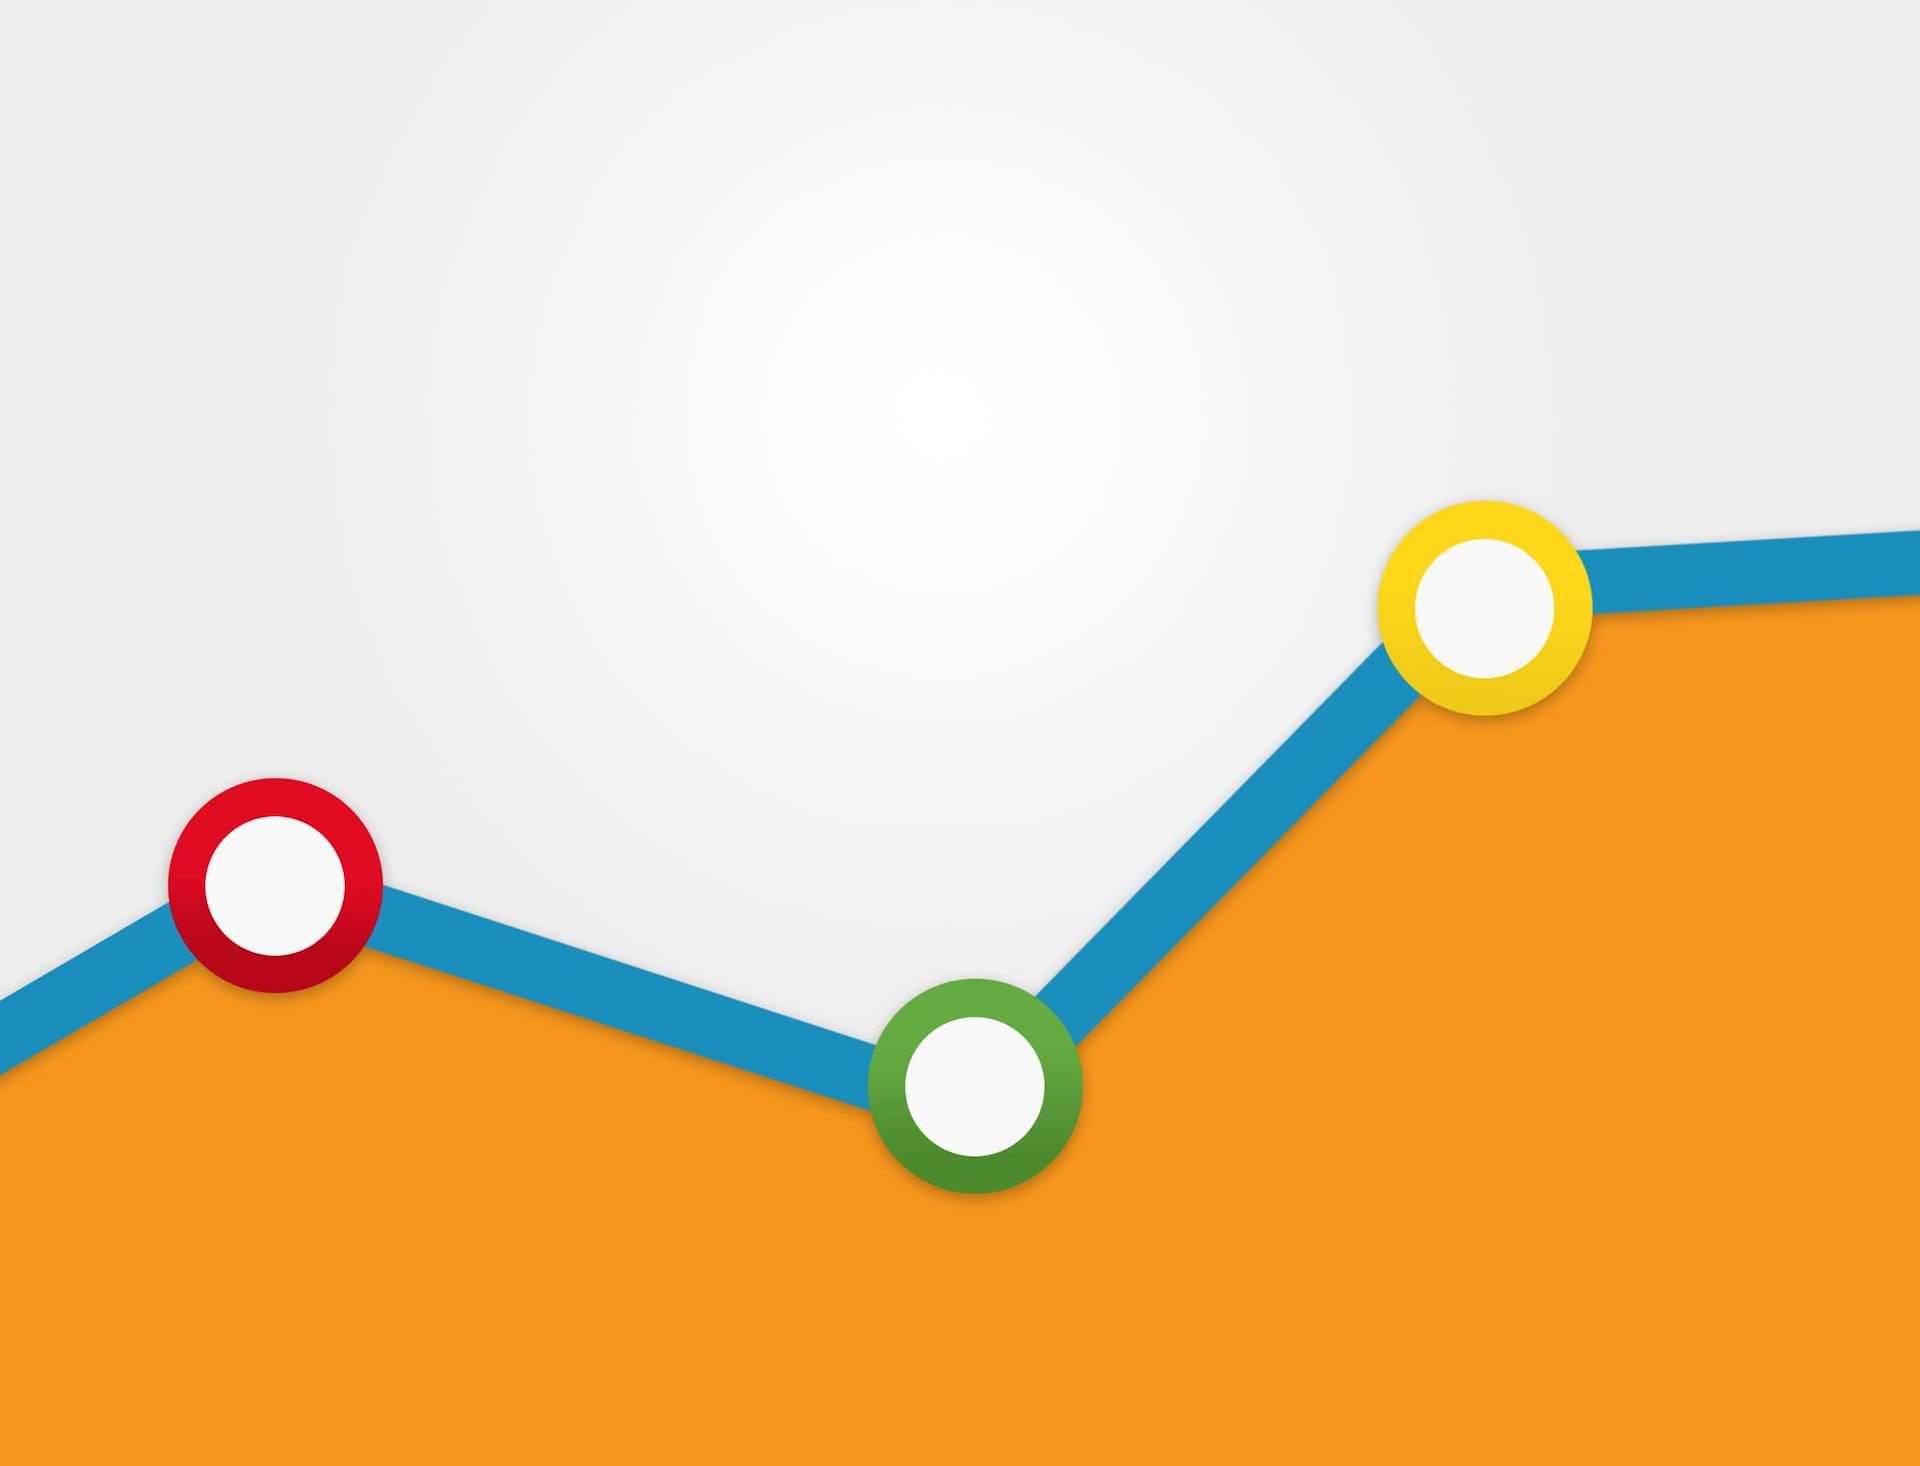 Conversion Rate Optimierung mit Web Analytics in Freiburg, Staufen, Bad Krozingen, Bad Dürrheim und Donaueschingen